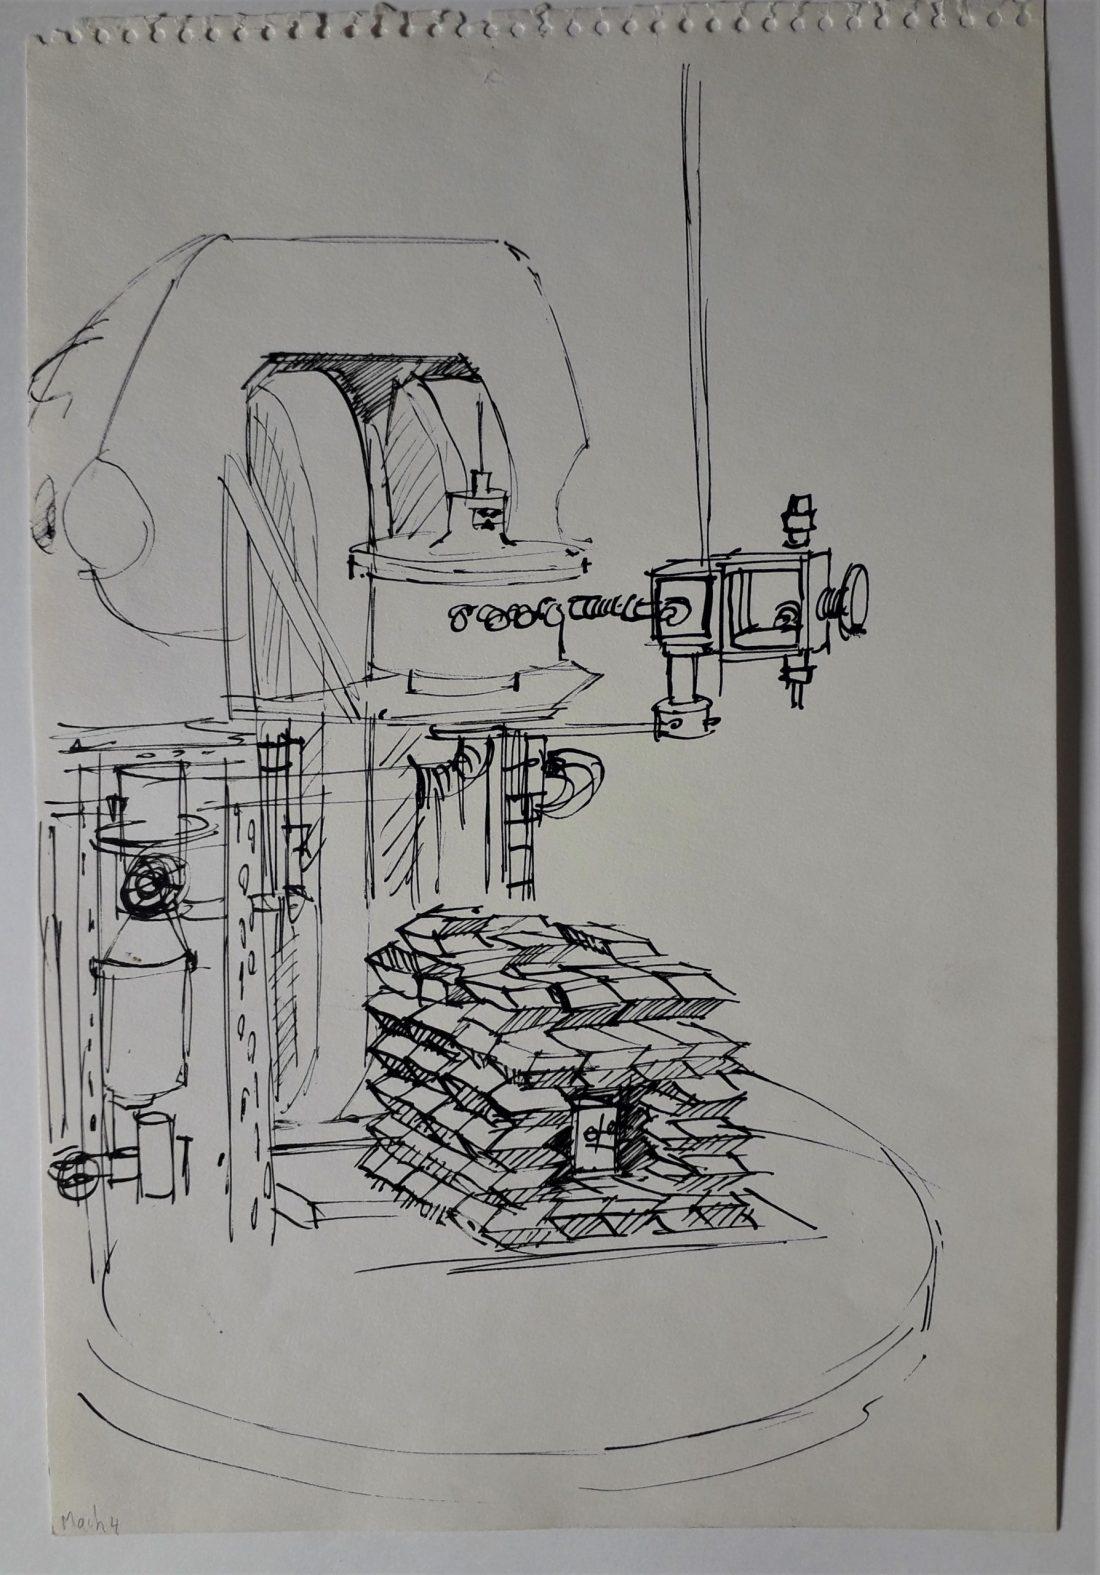 singer-gerard-saclay-machinerie-mach4